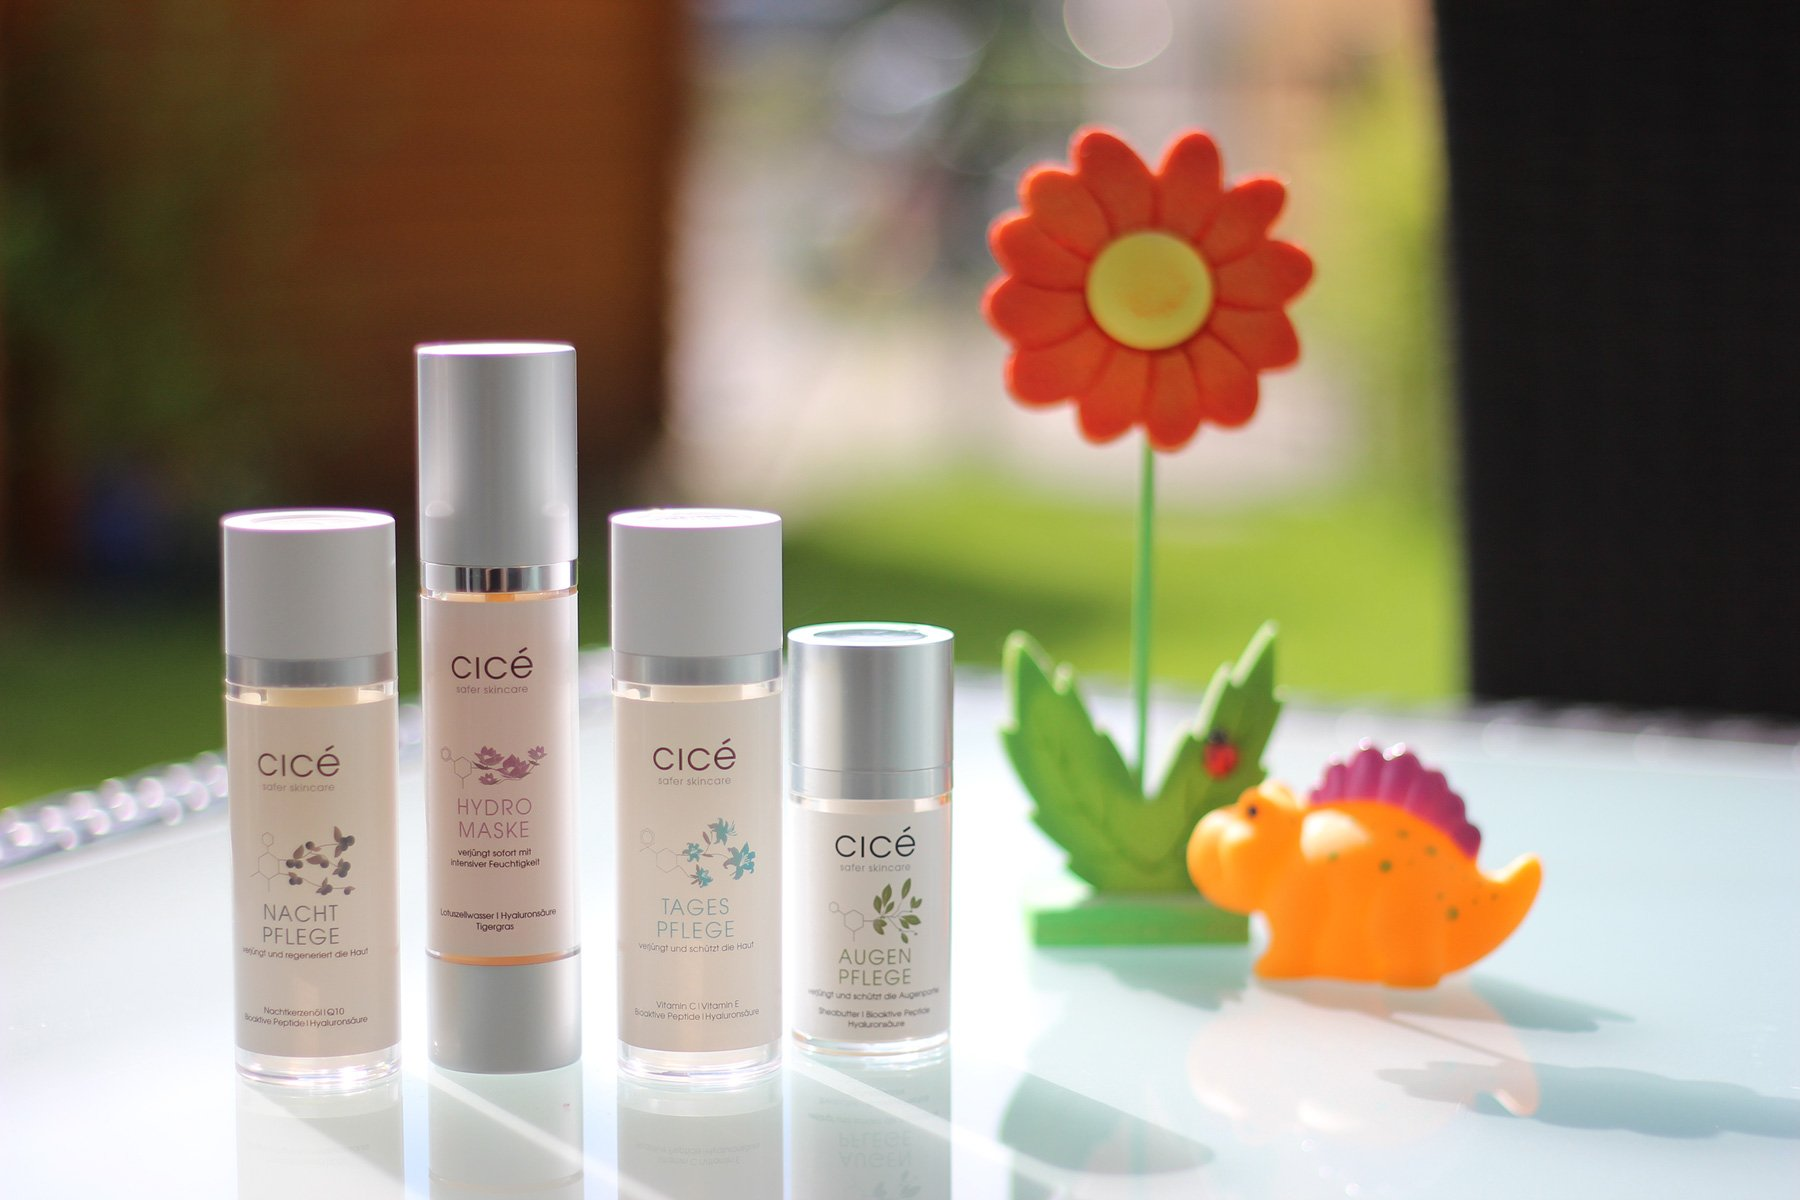 Cicé, Produkte, Augenpflege, Hydromaske, Tagespflege, Nachtpflege